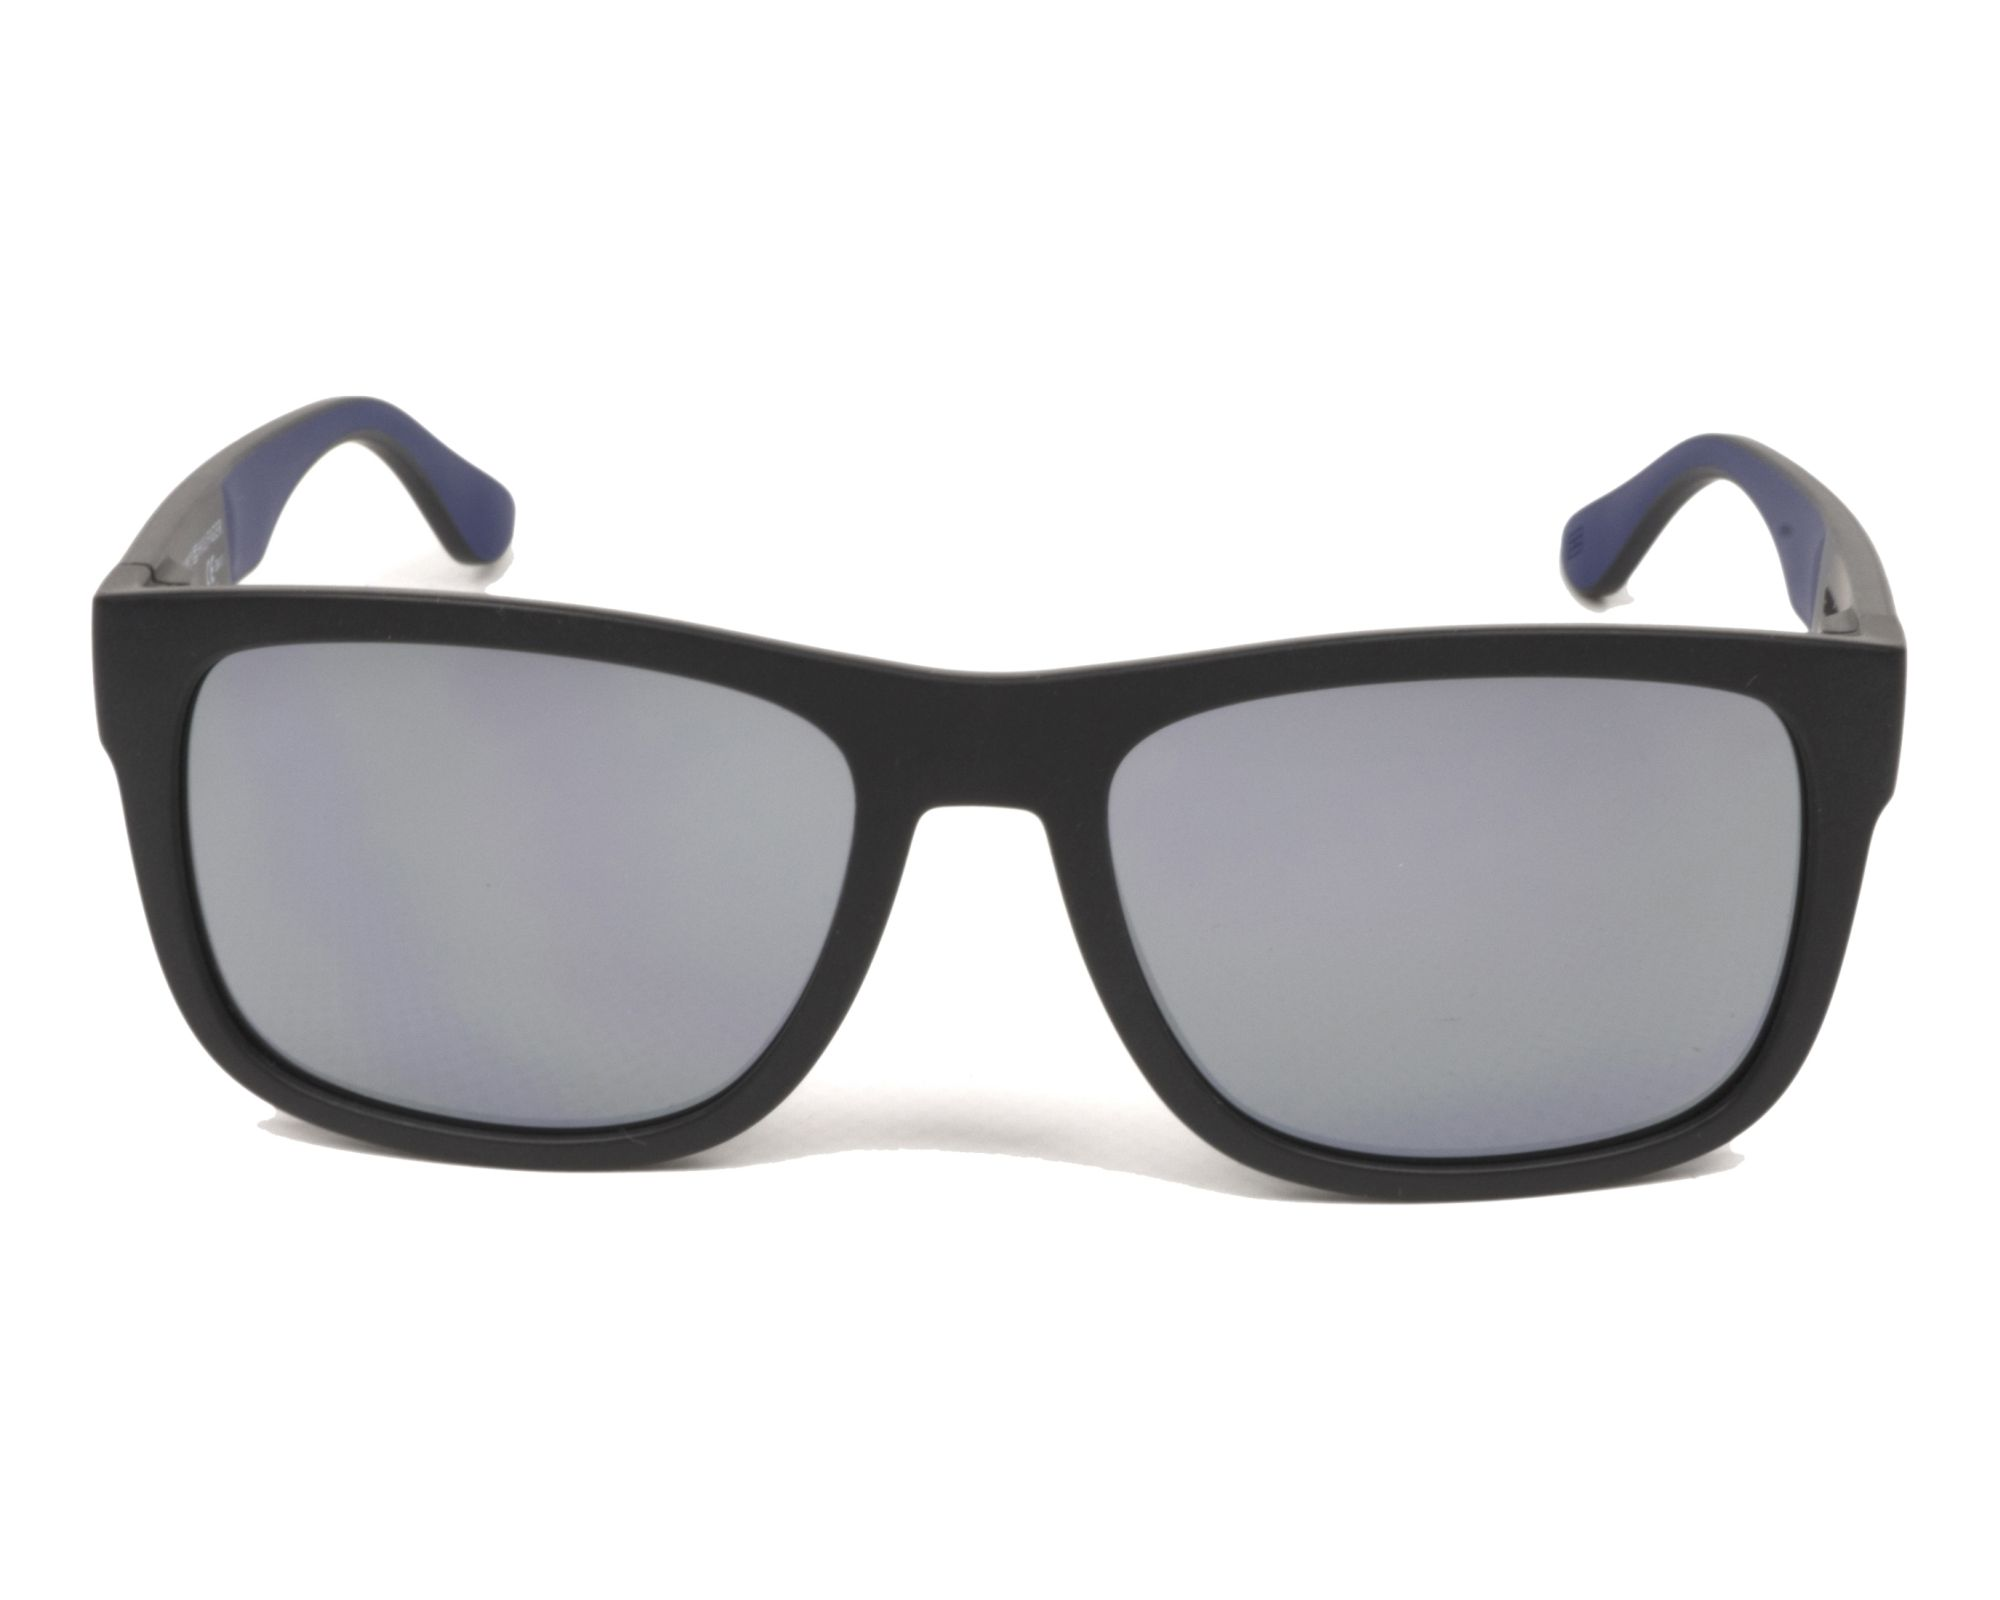 45377ce948 Gafas de sol Tommy Hilfiger TH-1556-S D51T4 52-18 Negra Azul